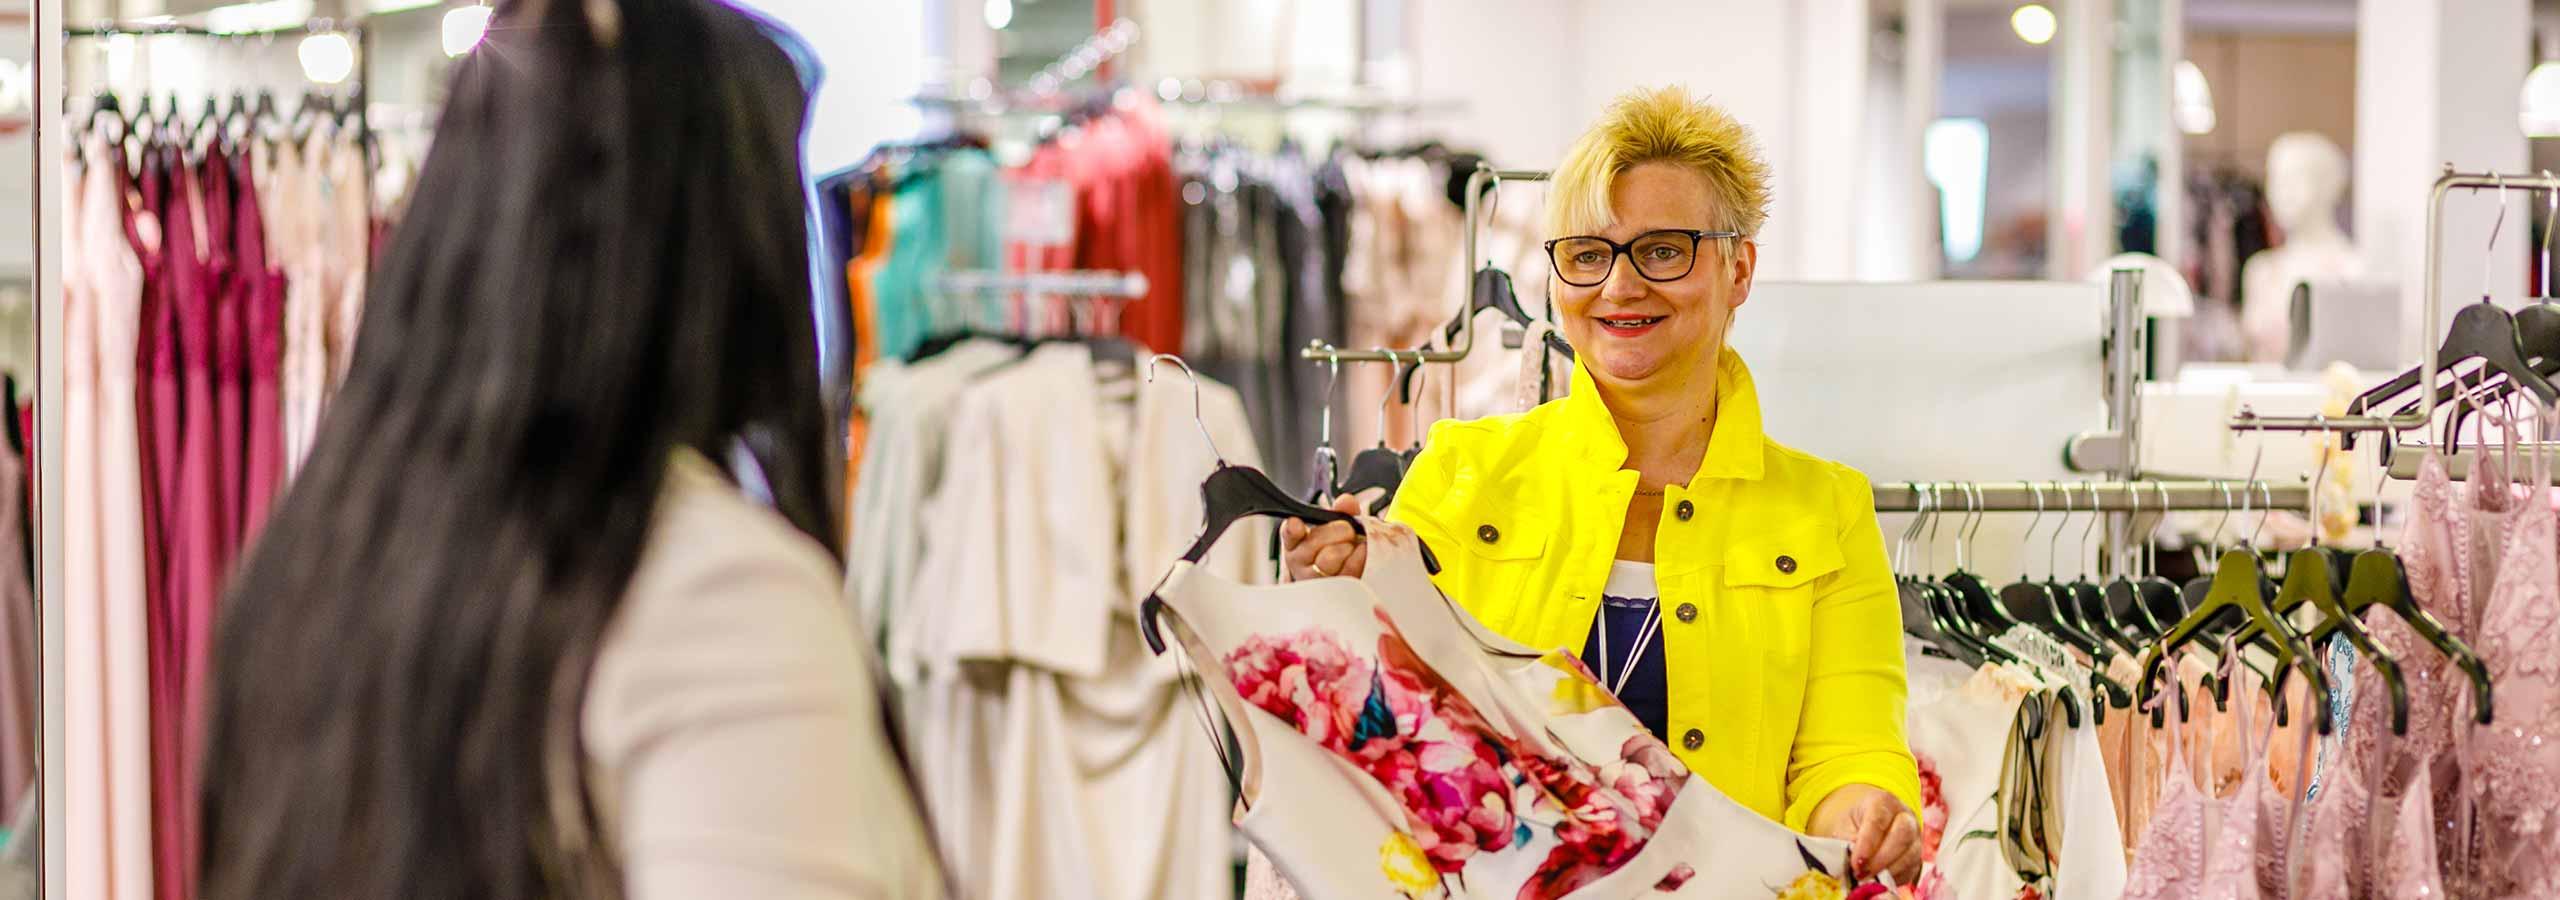 Beratung im Modehaus Brand-Moden in Leidersbach bei Frankfurt und Würzburg